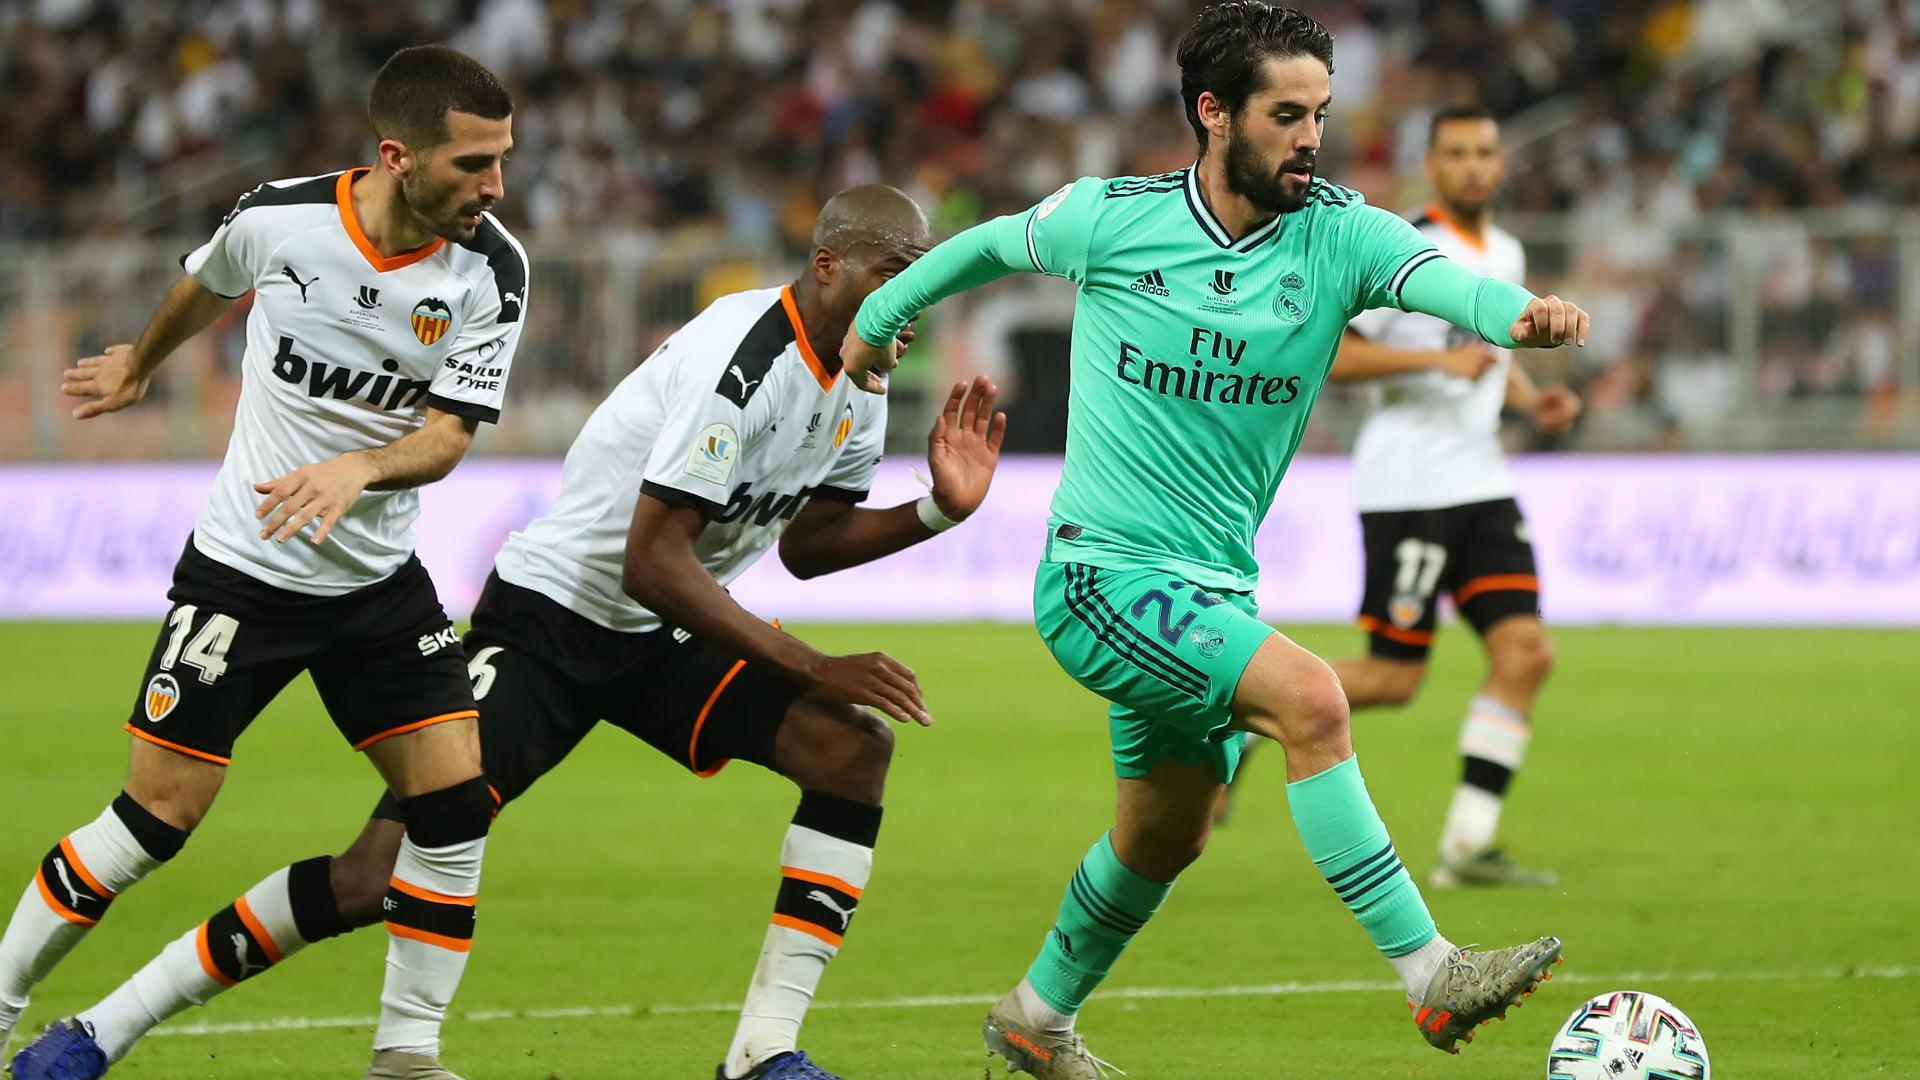 موعد مباراة ريال مدريد وفالنسيا والقنوات الناقلة